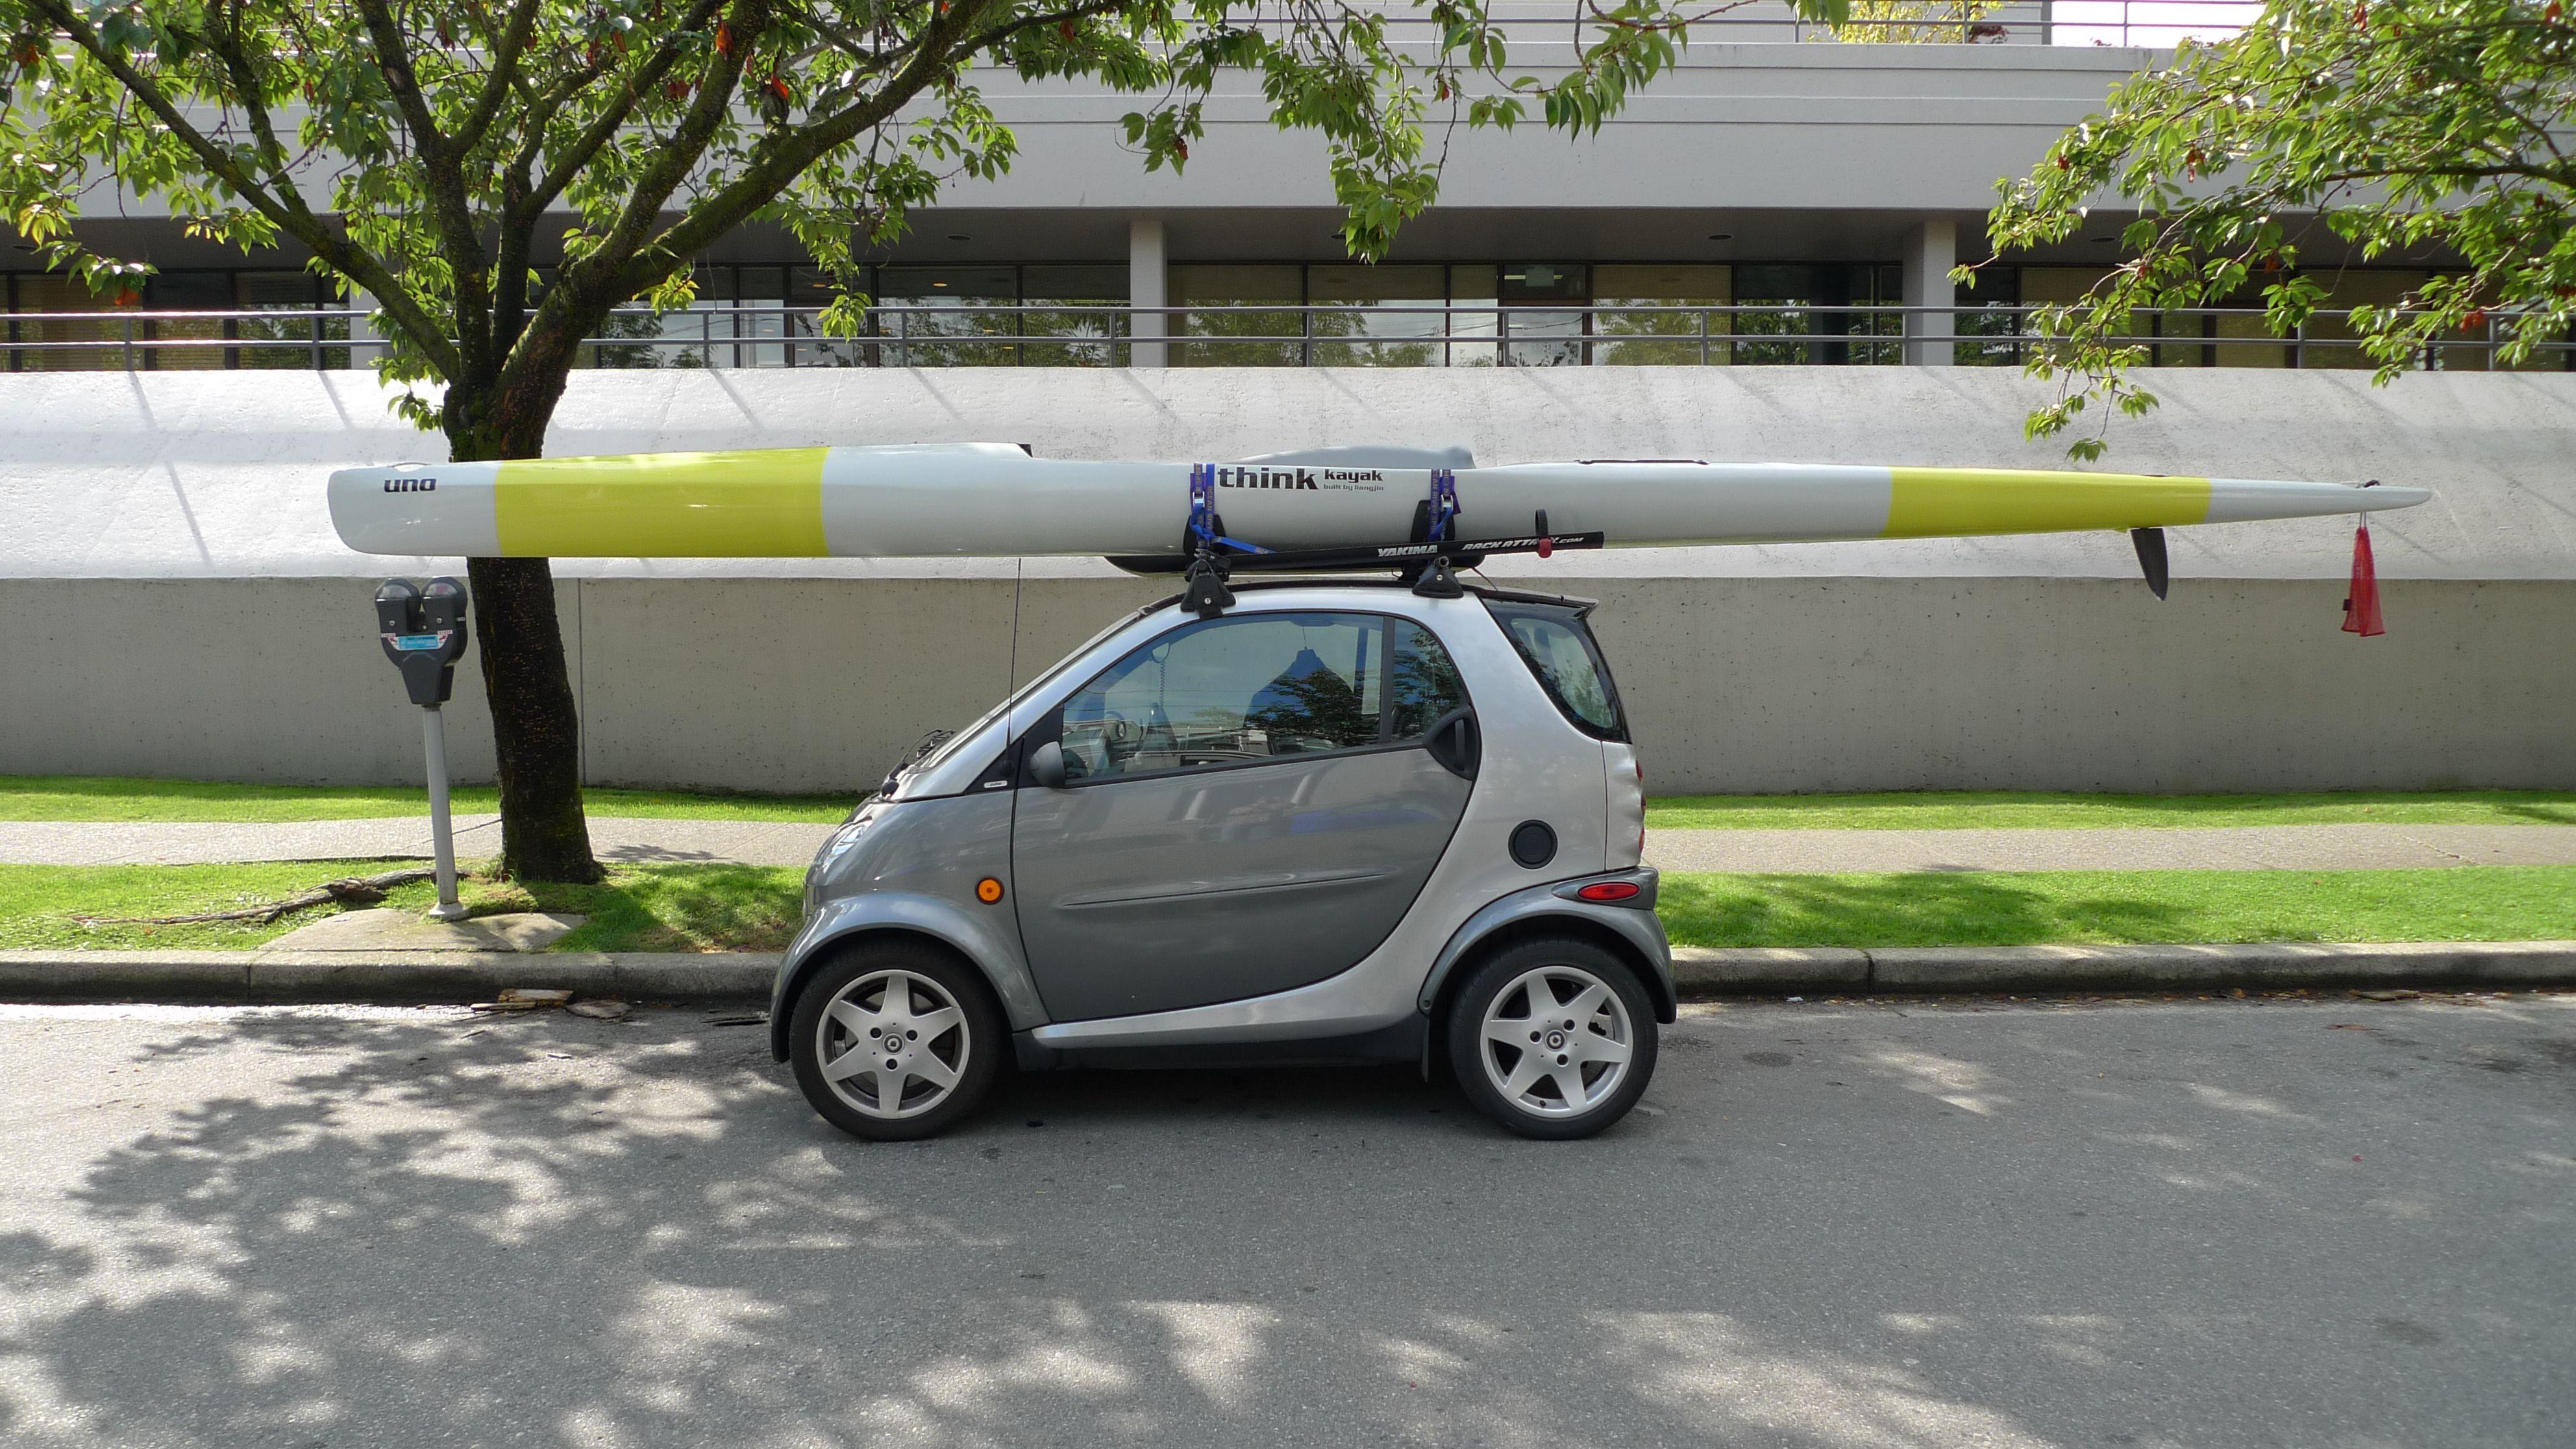 Smart Cars And Kayaks Maybe We Need A Kayak Rack Along With The Bike Rack On The Smart Kayaking Smart Car Kayak Rack